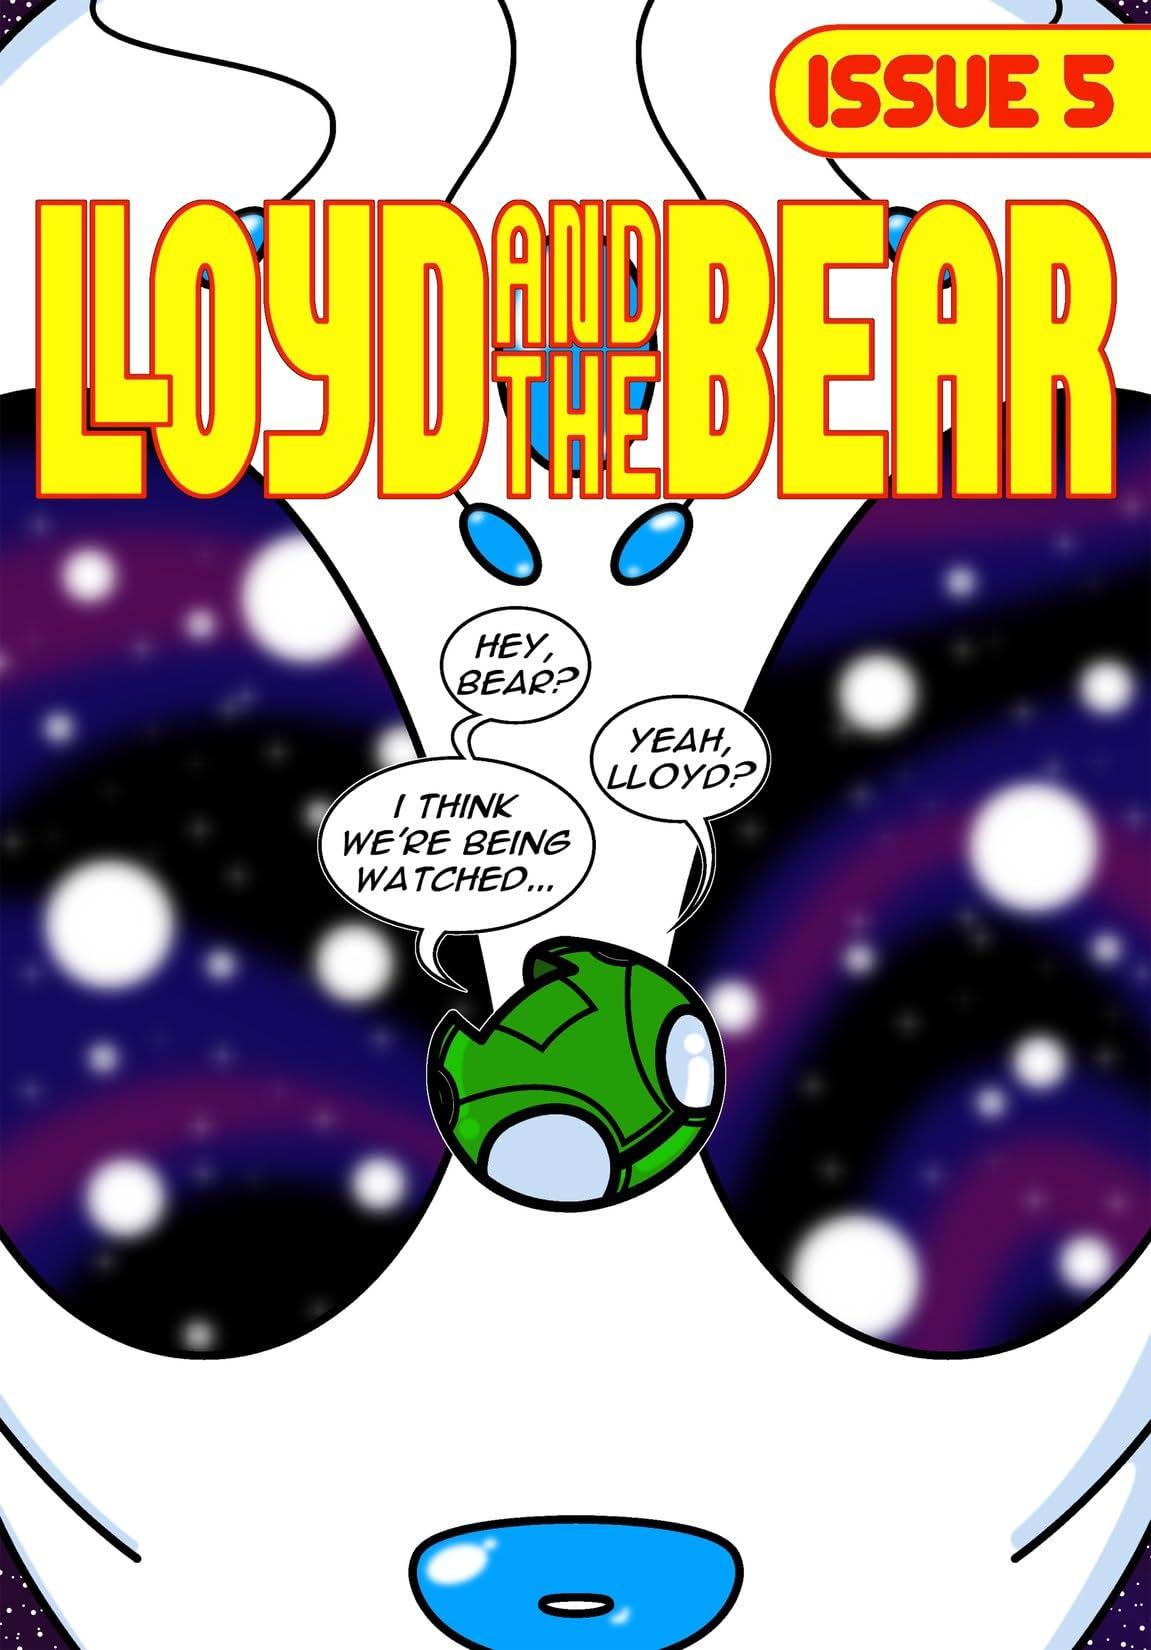 Lloyd and the Bear #5